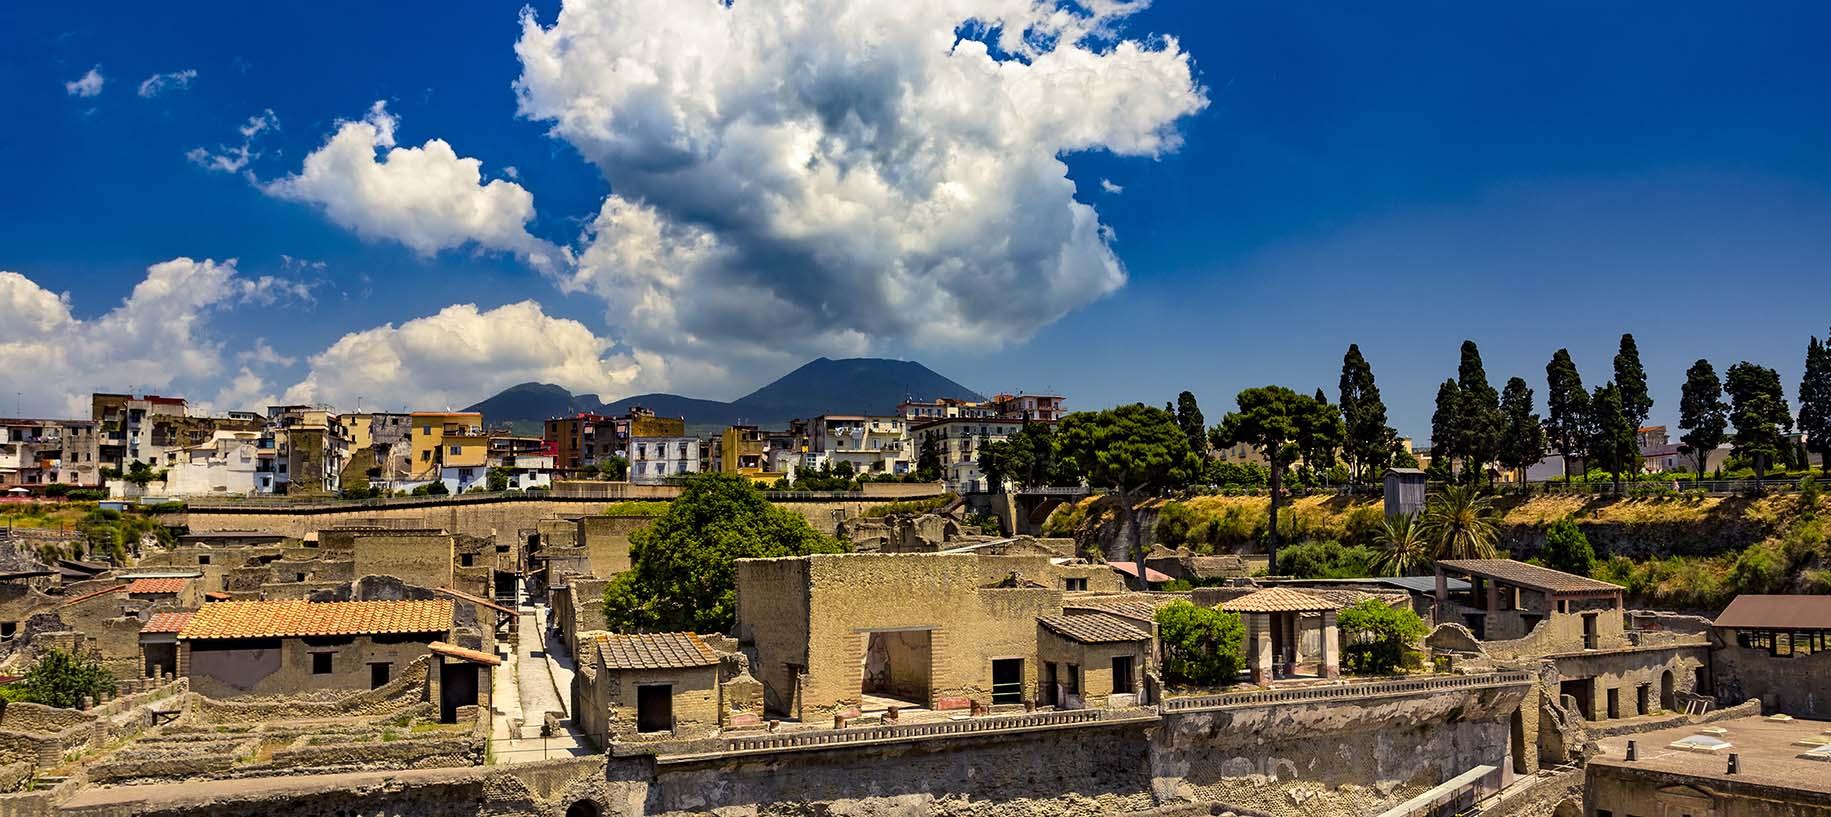 Kulturrejse - Oplev Pompeji og Vesuv